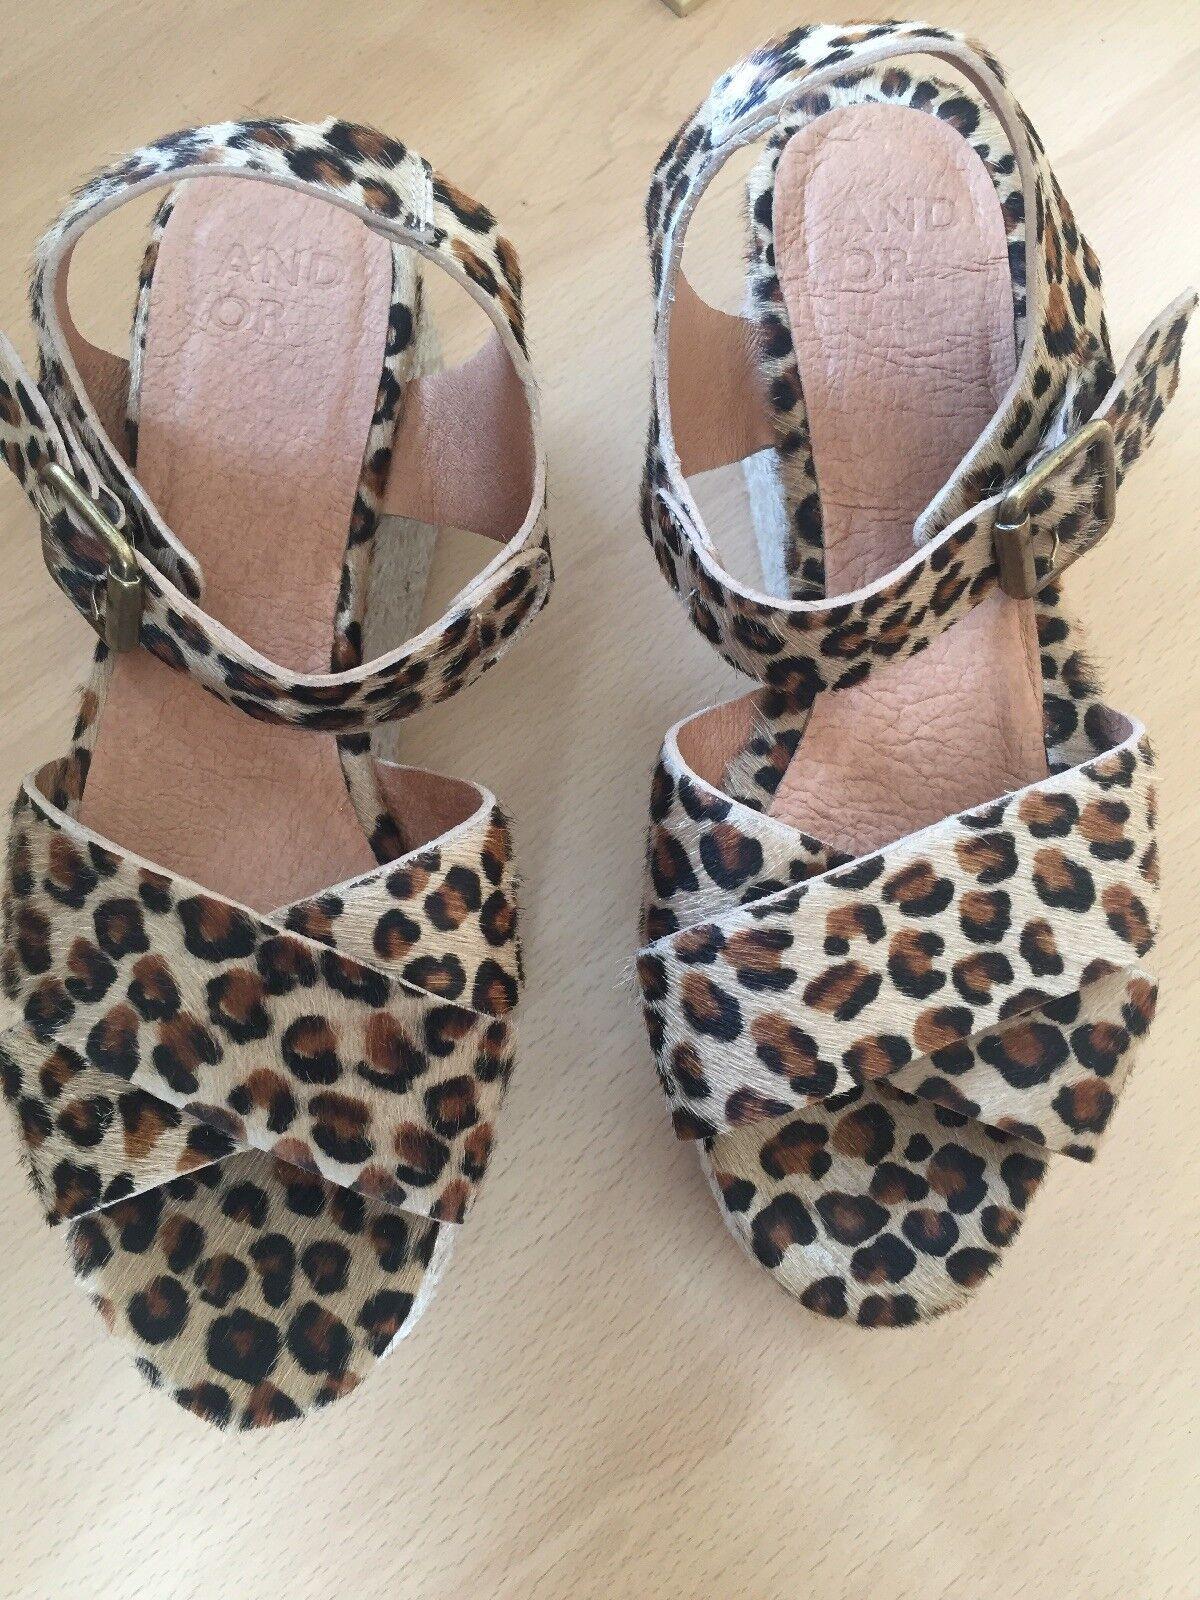 Patrón de leopardo Diseñador iaera iaera iaera Plataforma Sandalias De Damas Talla 6 39  encuentra tu favorito aquí